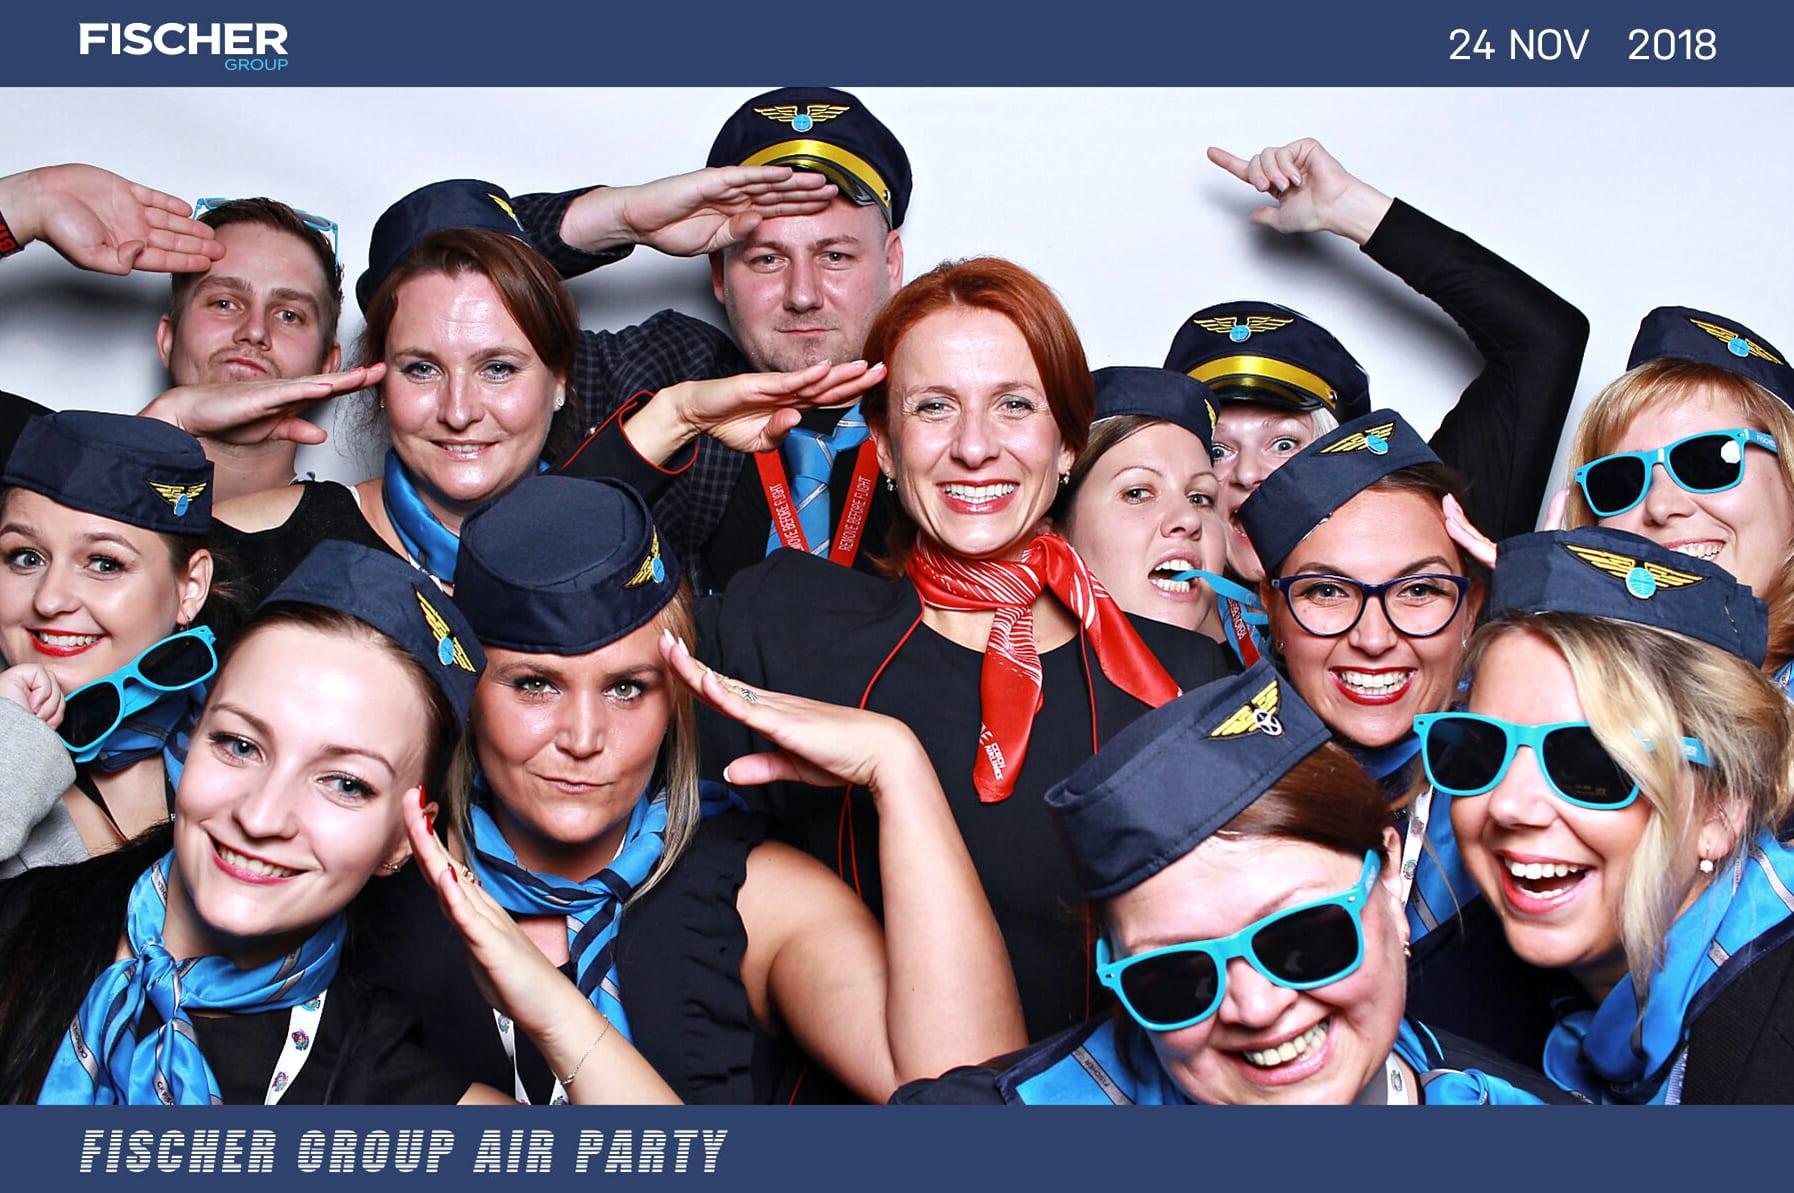 fotokoutek-fischer-group-air-party-24-11-2018-524639